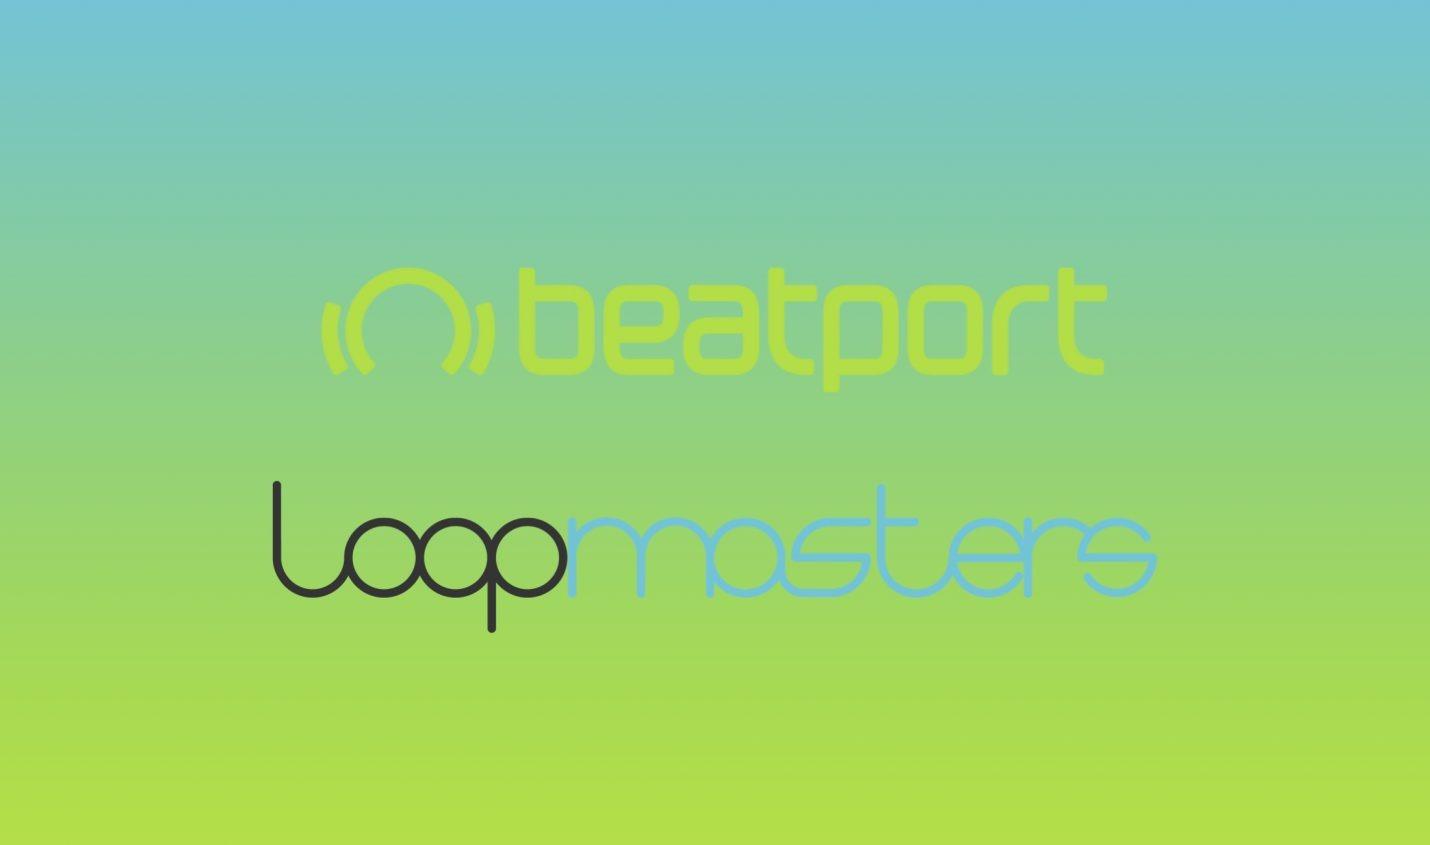 Beatport geht Partnerschaft mit Loopmasters ein